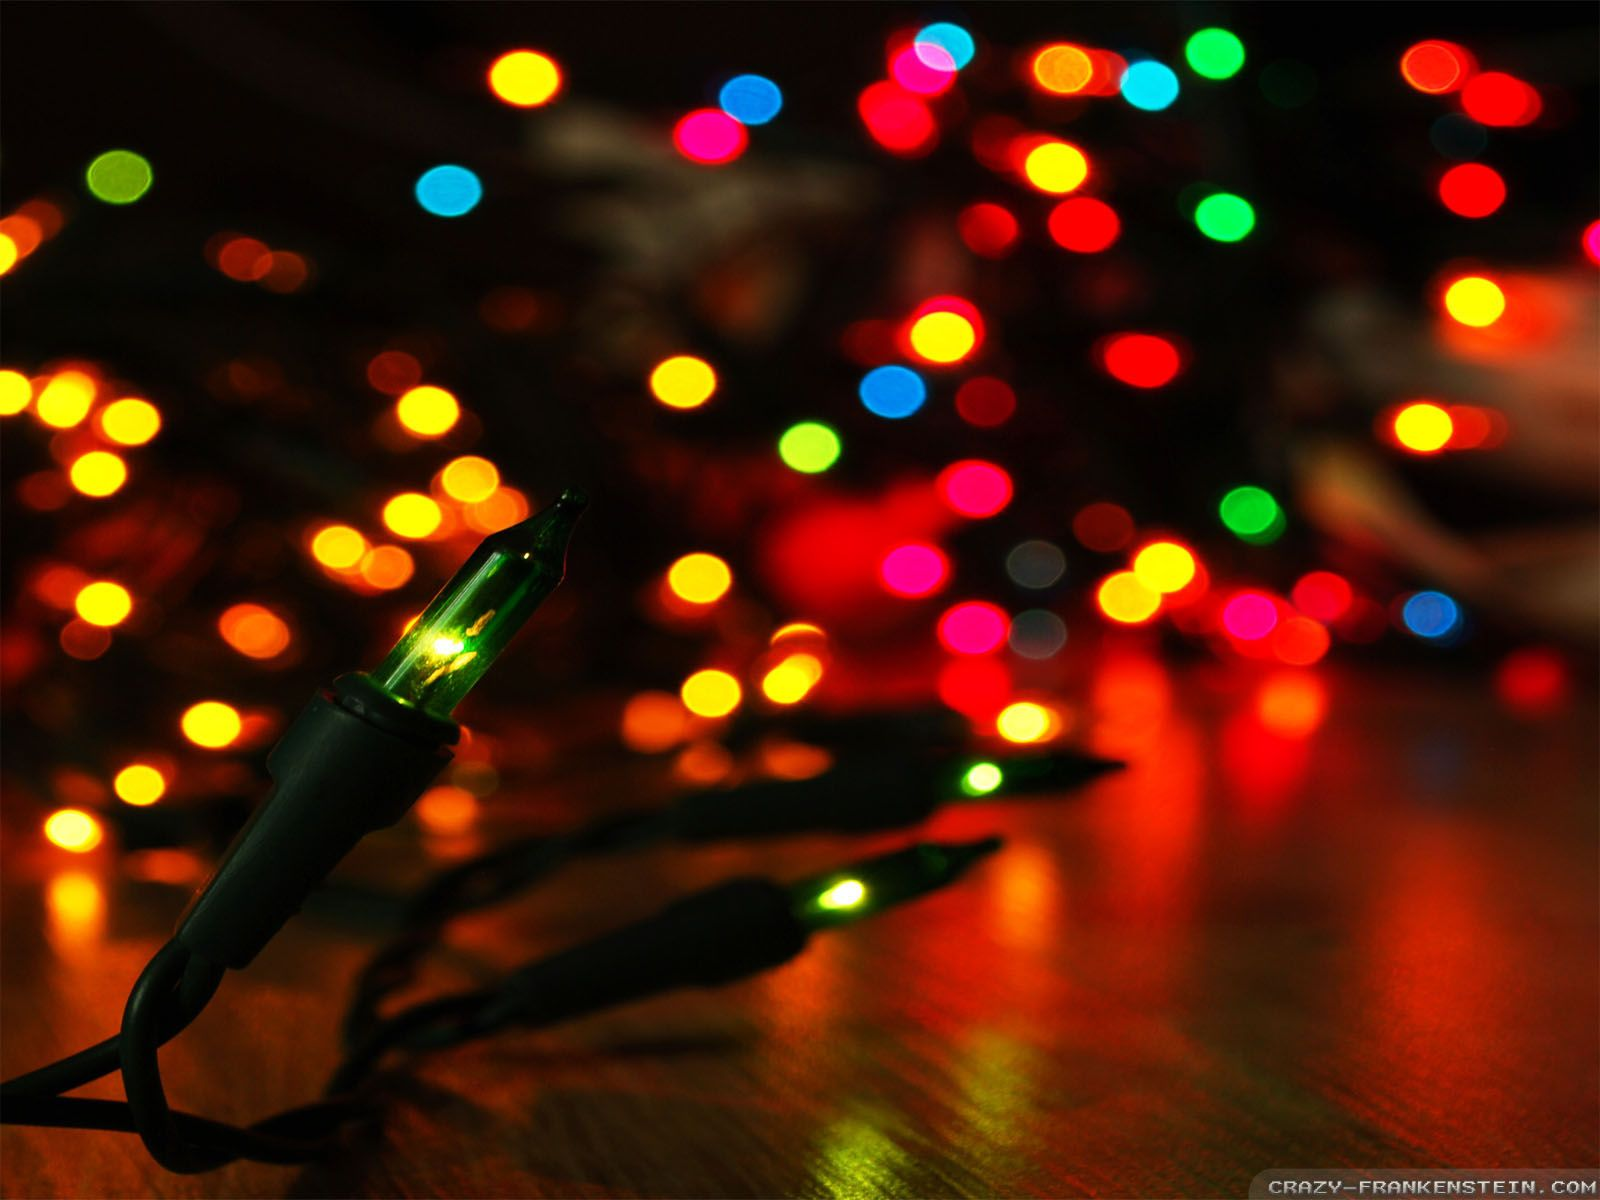 Christmas Lights HD desktop wallpaper High Definition